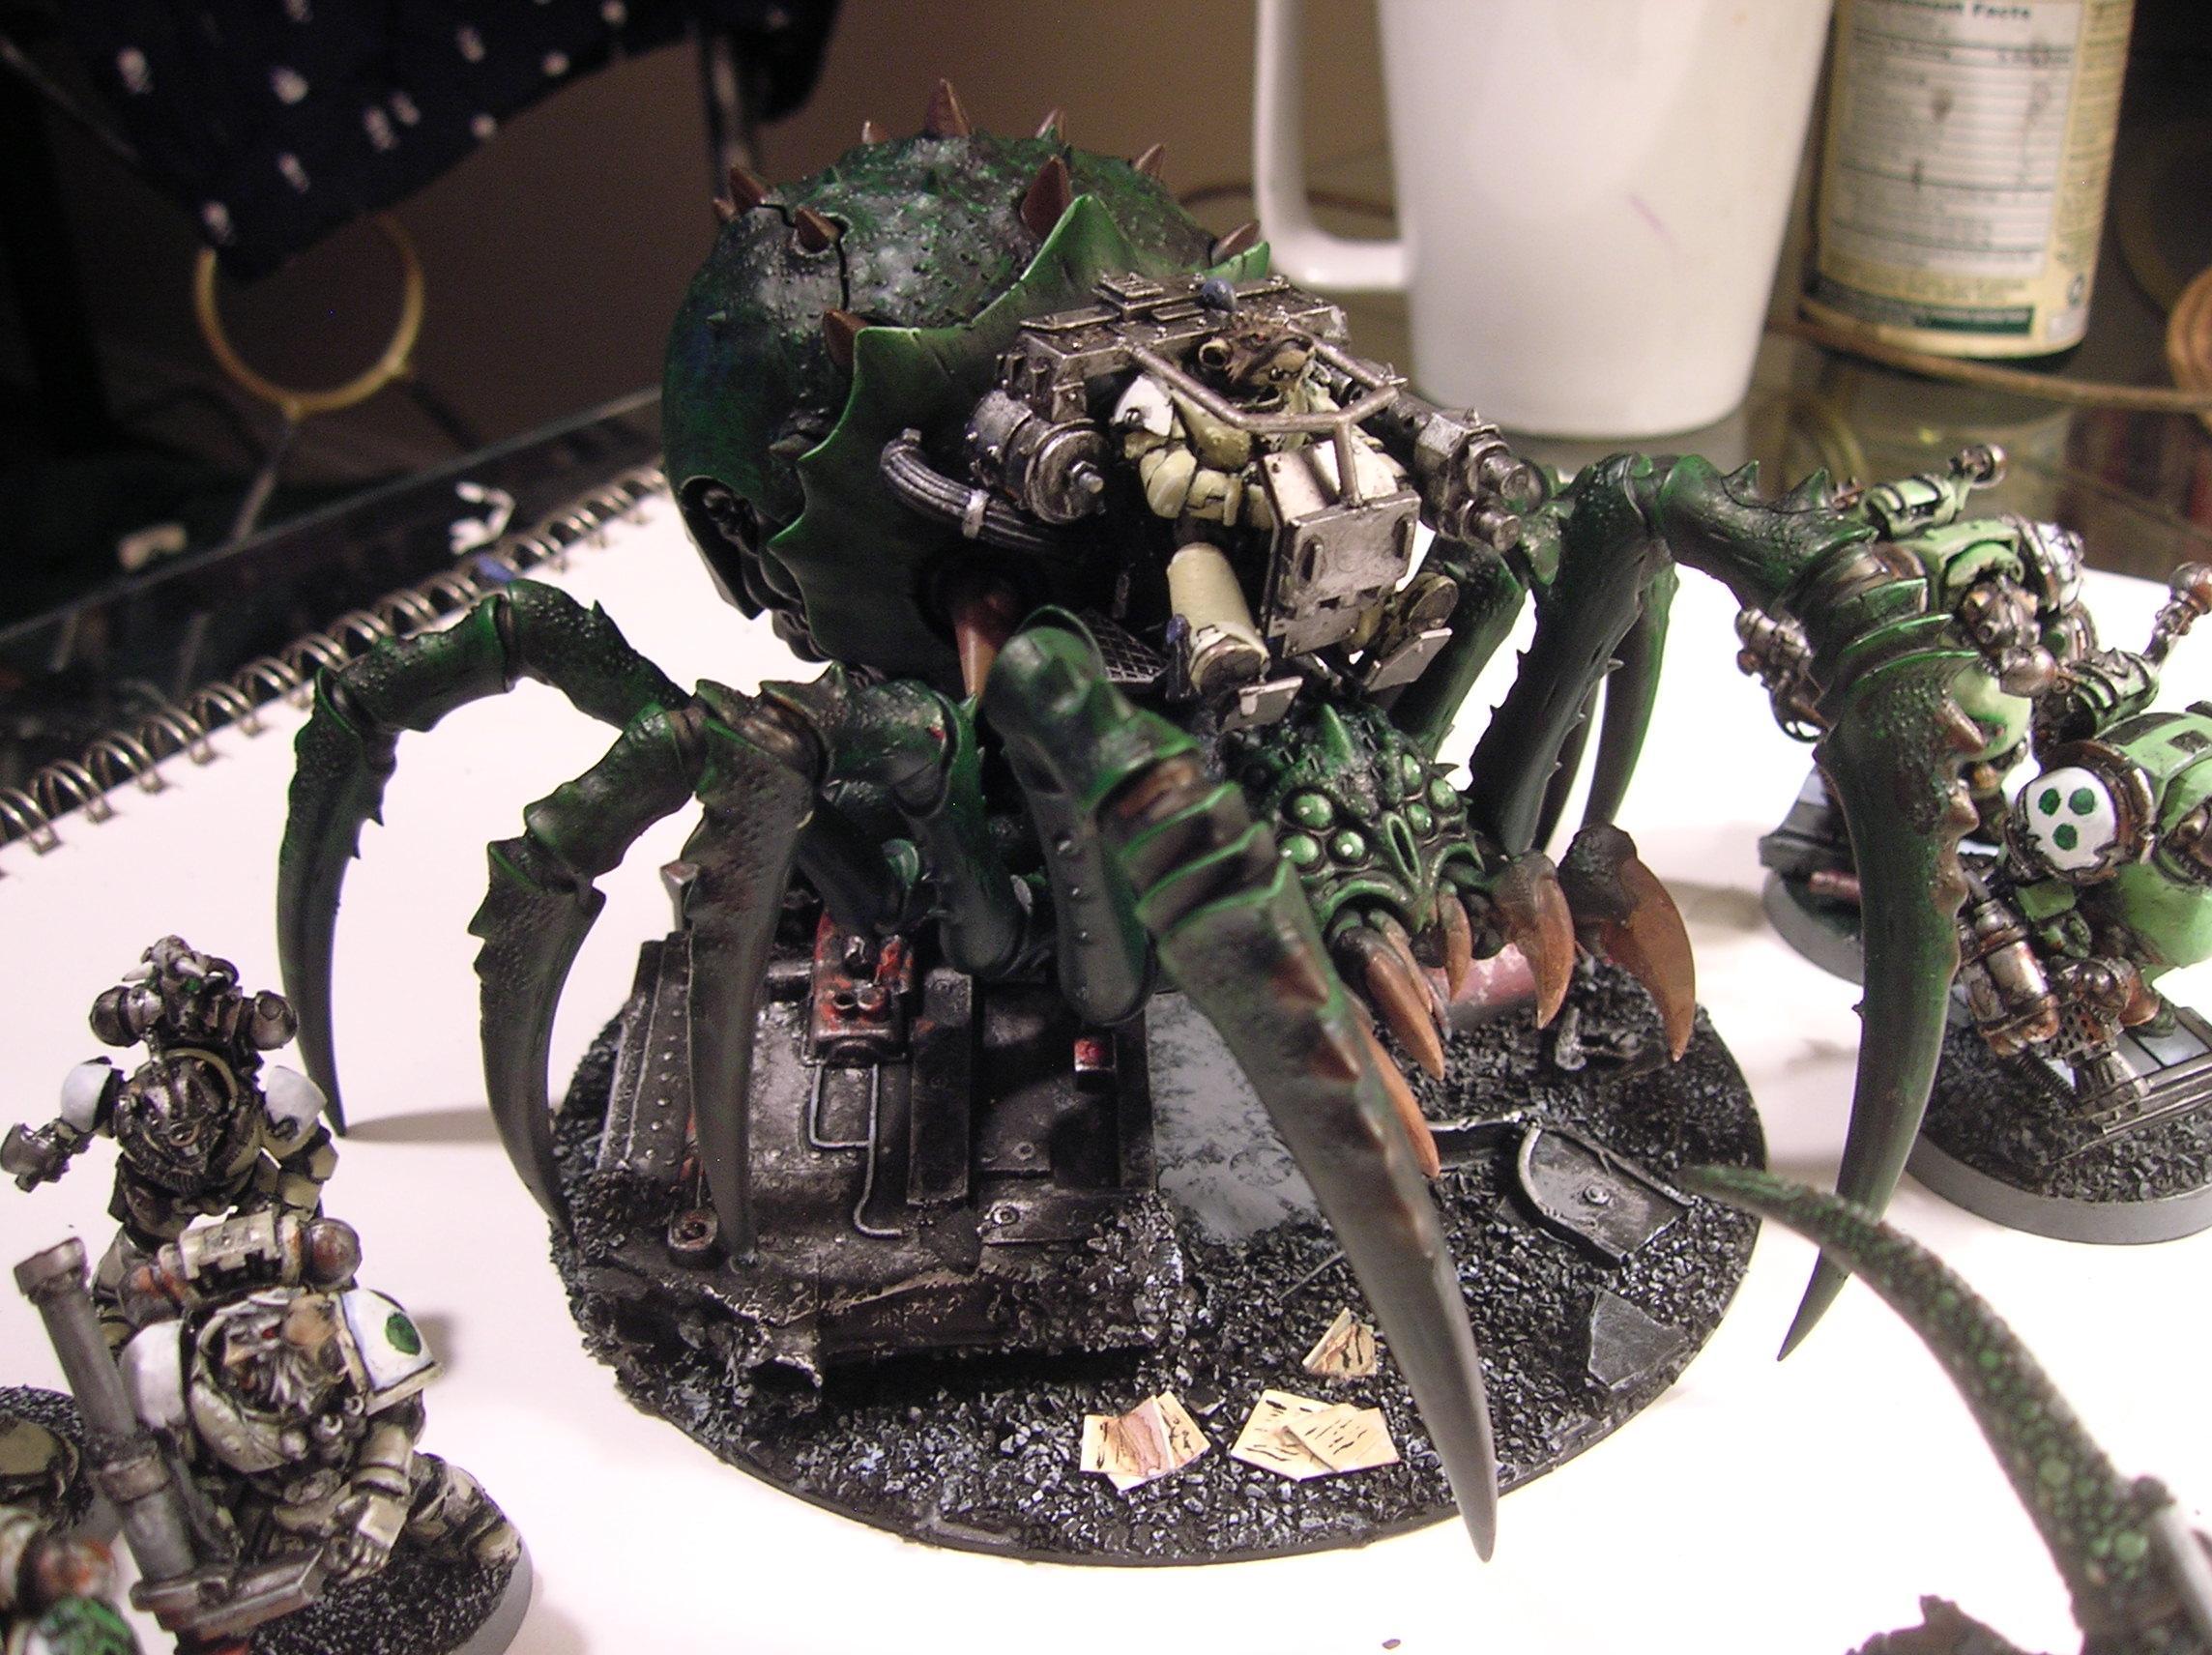 Chaos, Spider, Warhammer 40,000